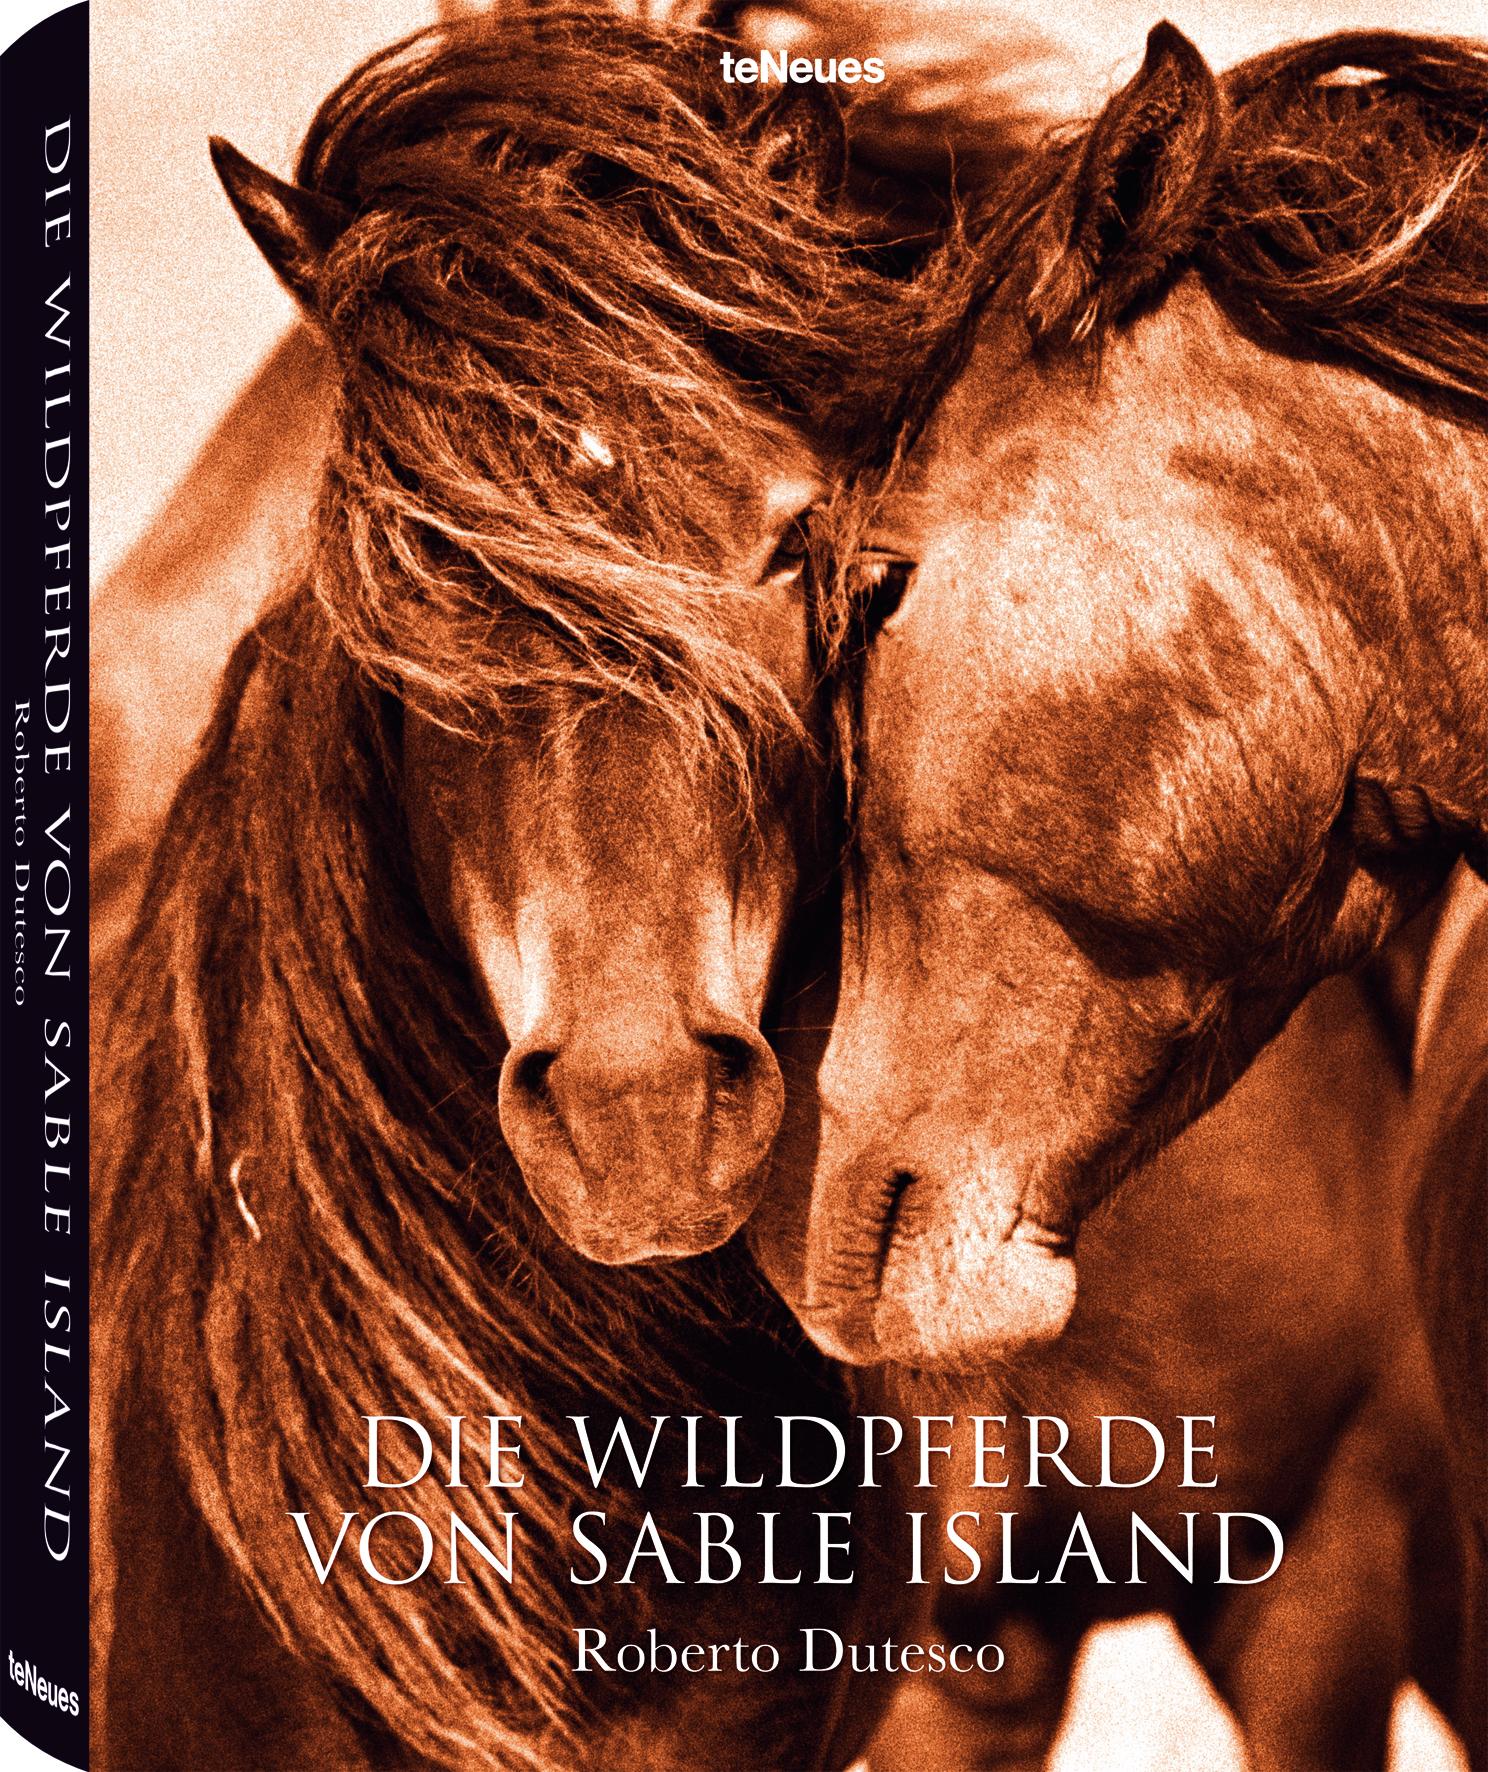 WildHorses RD Jacket 8c RK Alle fBuKa.indd